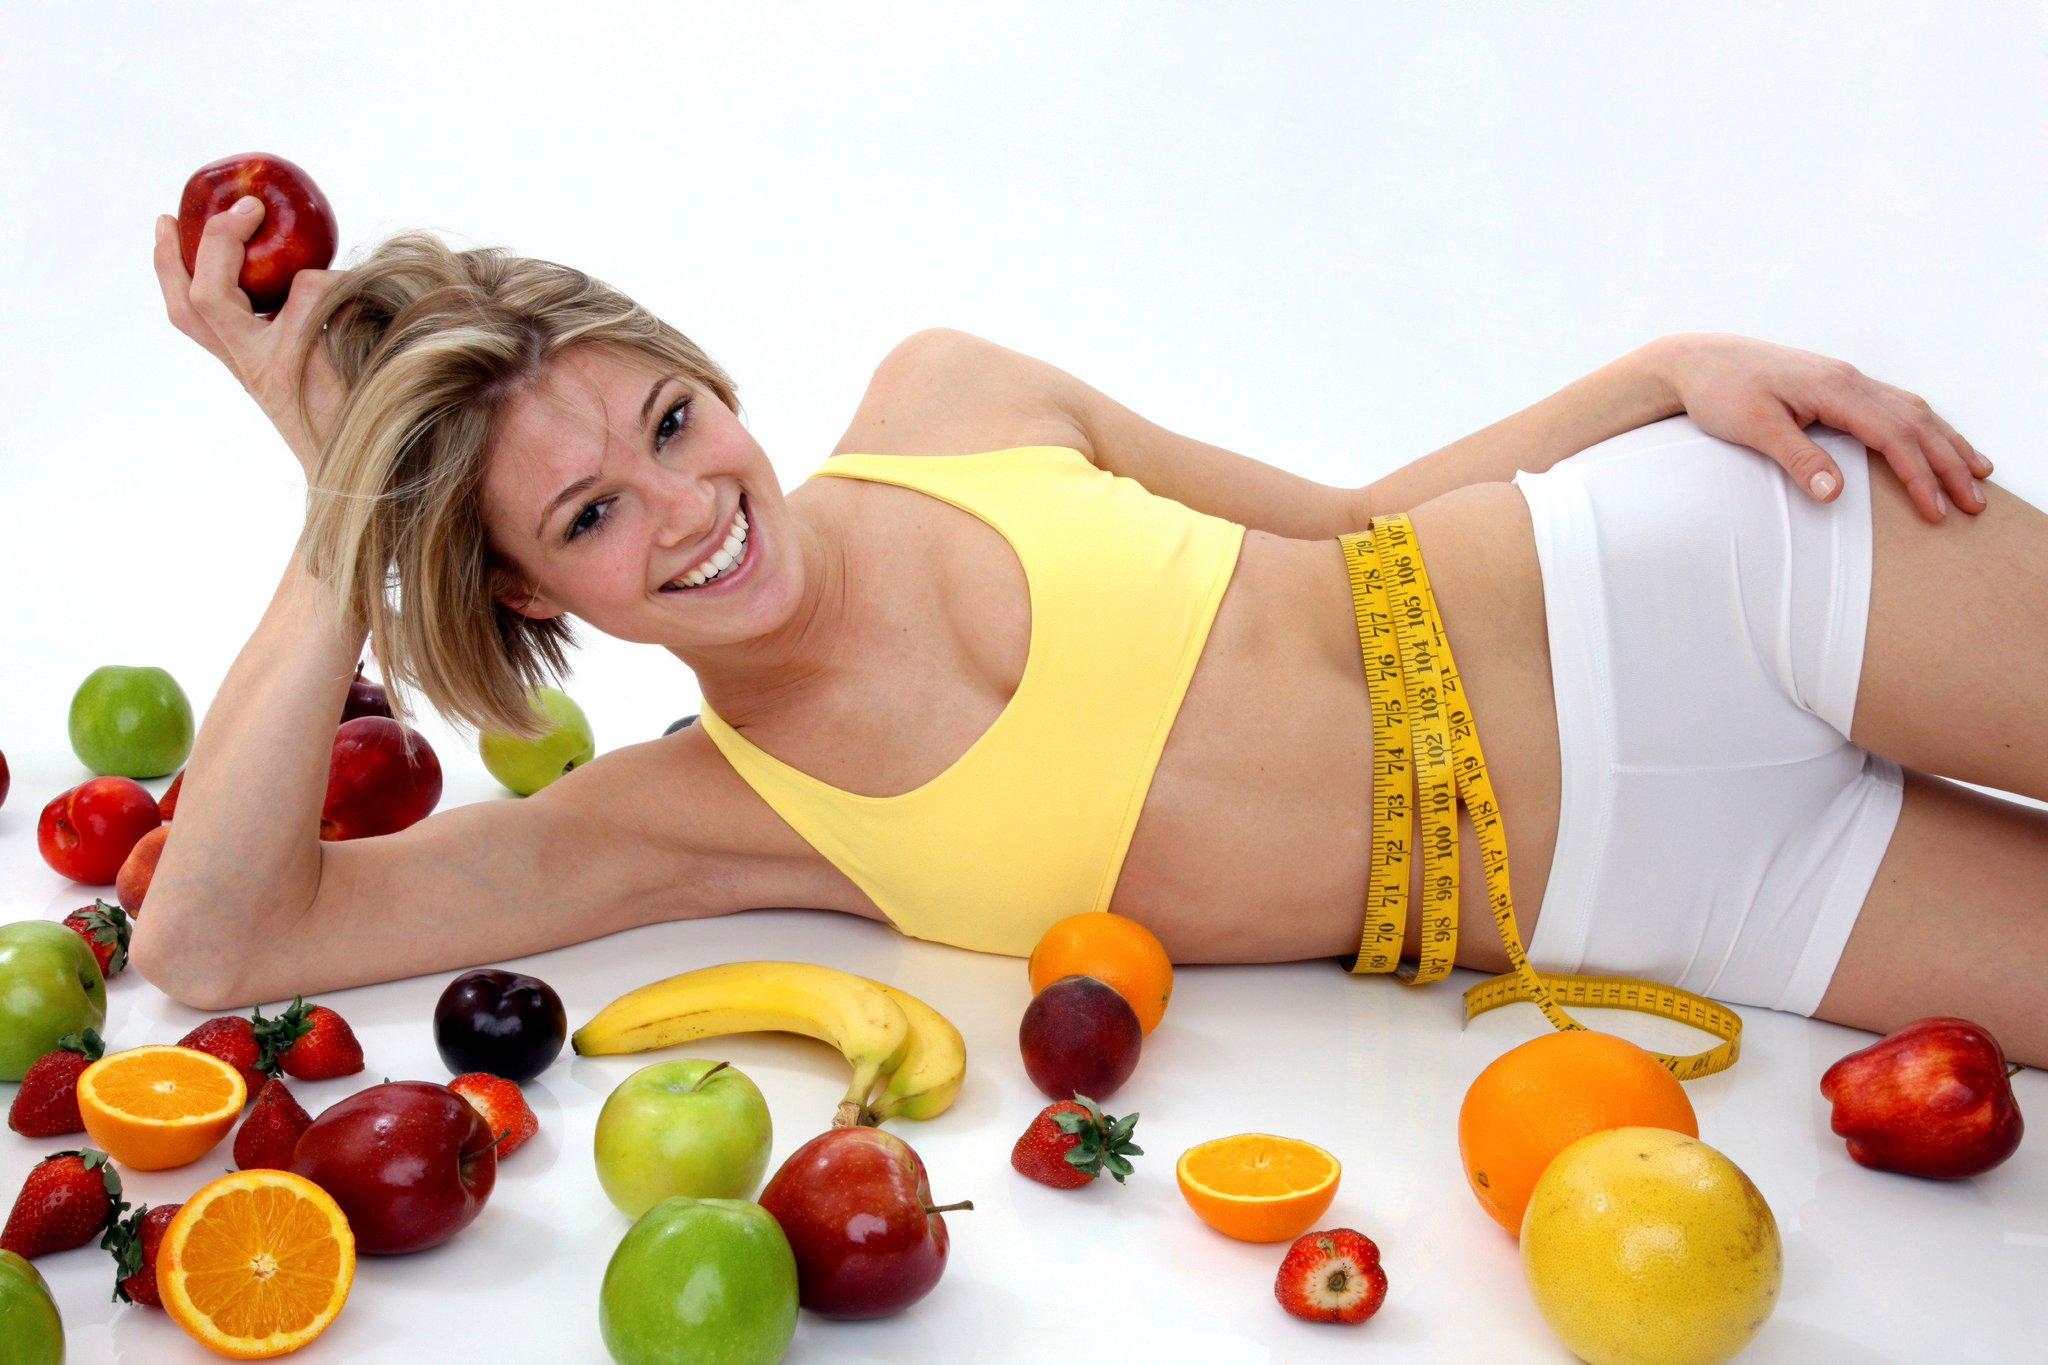 Как Похудеть Есть Ли Средства. Как быстро похудеть: 9 самых популярных способов и 5 рекомендаций диетологов